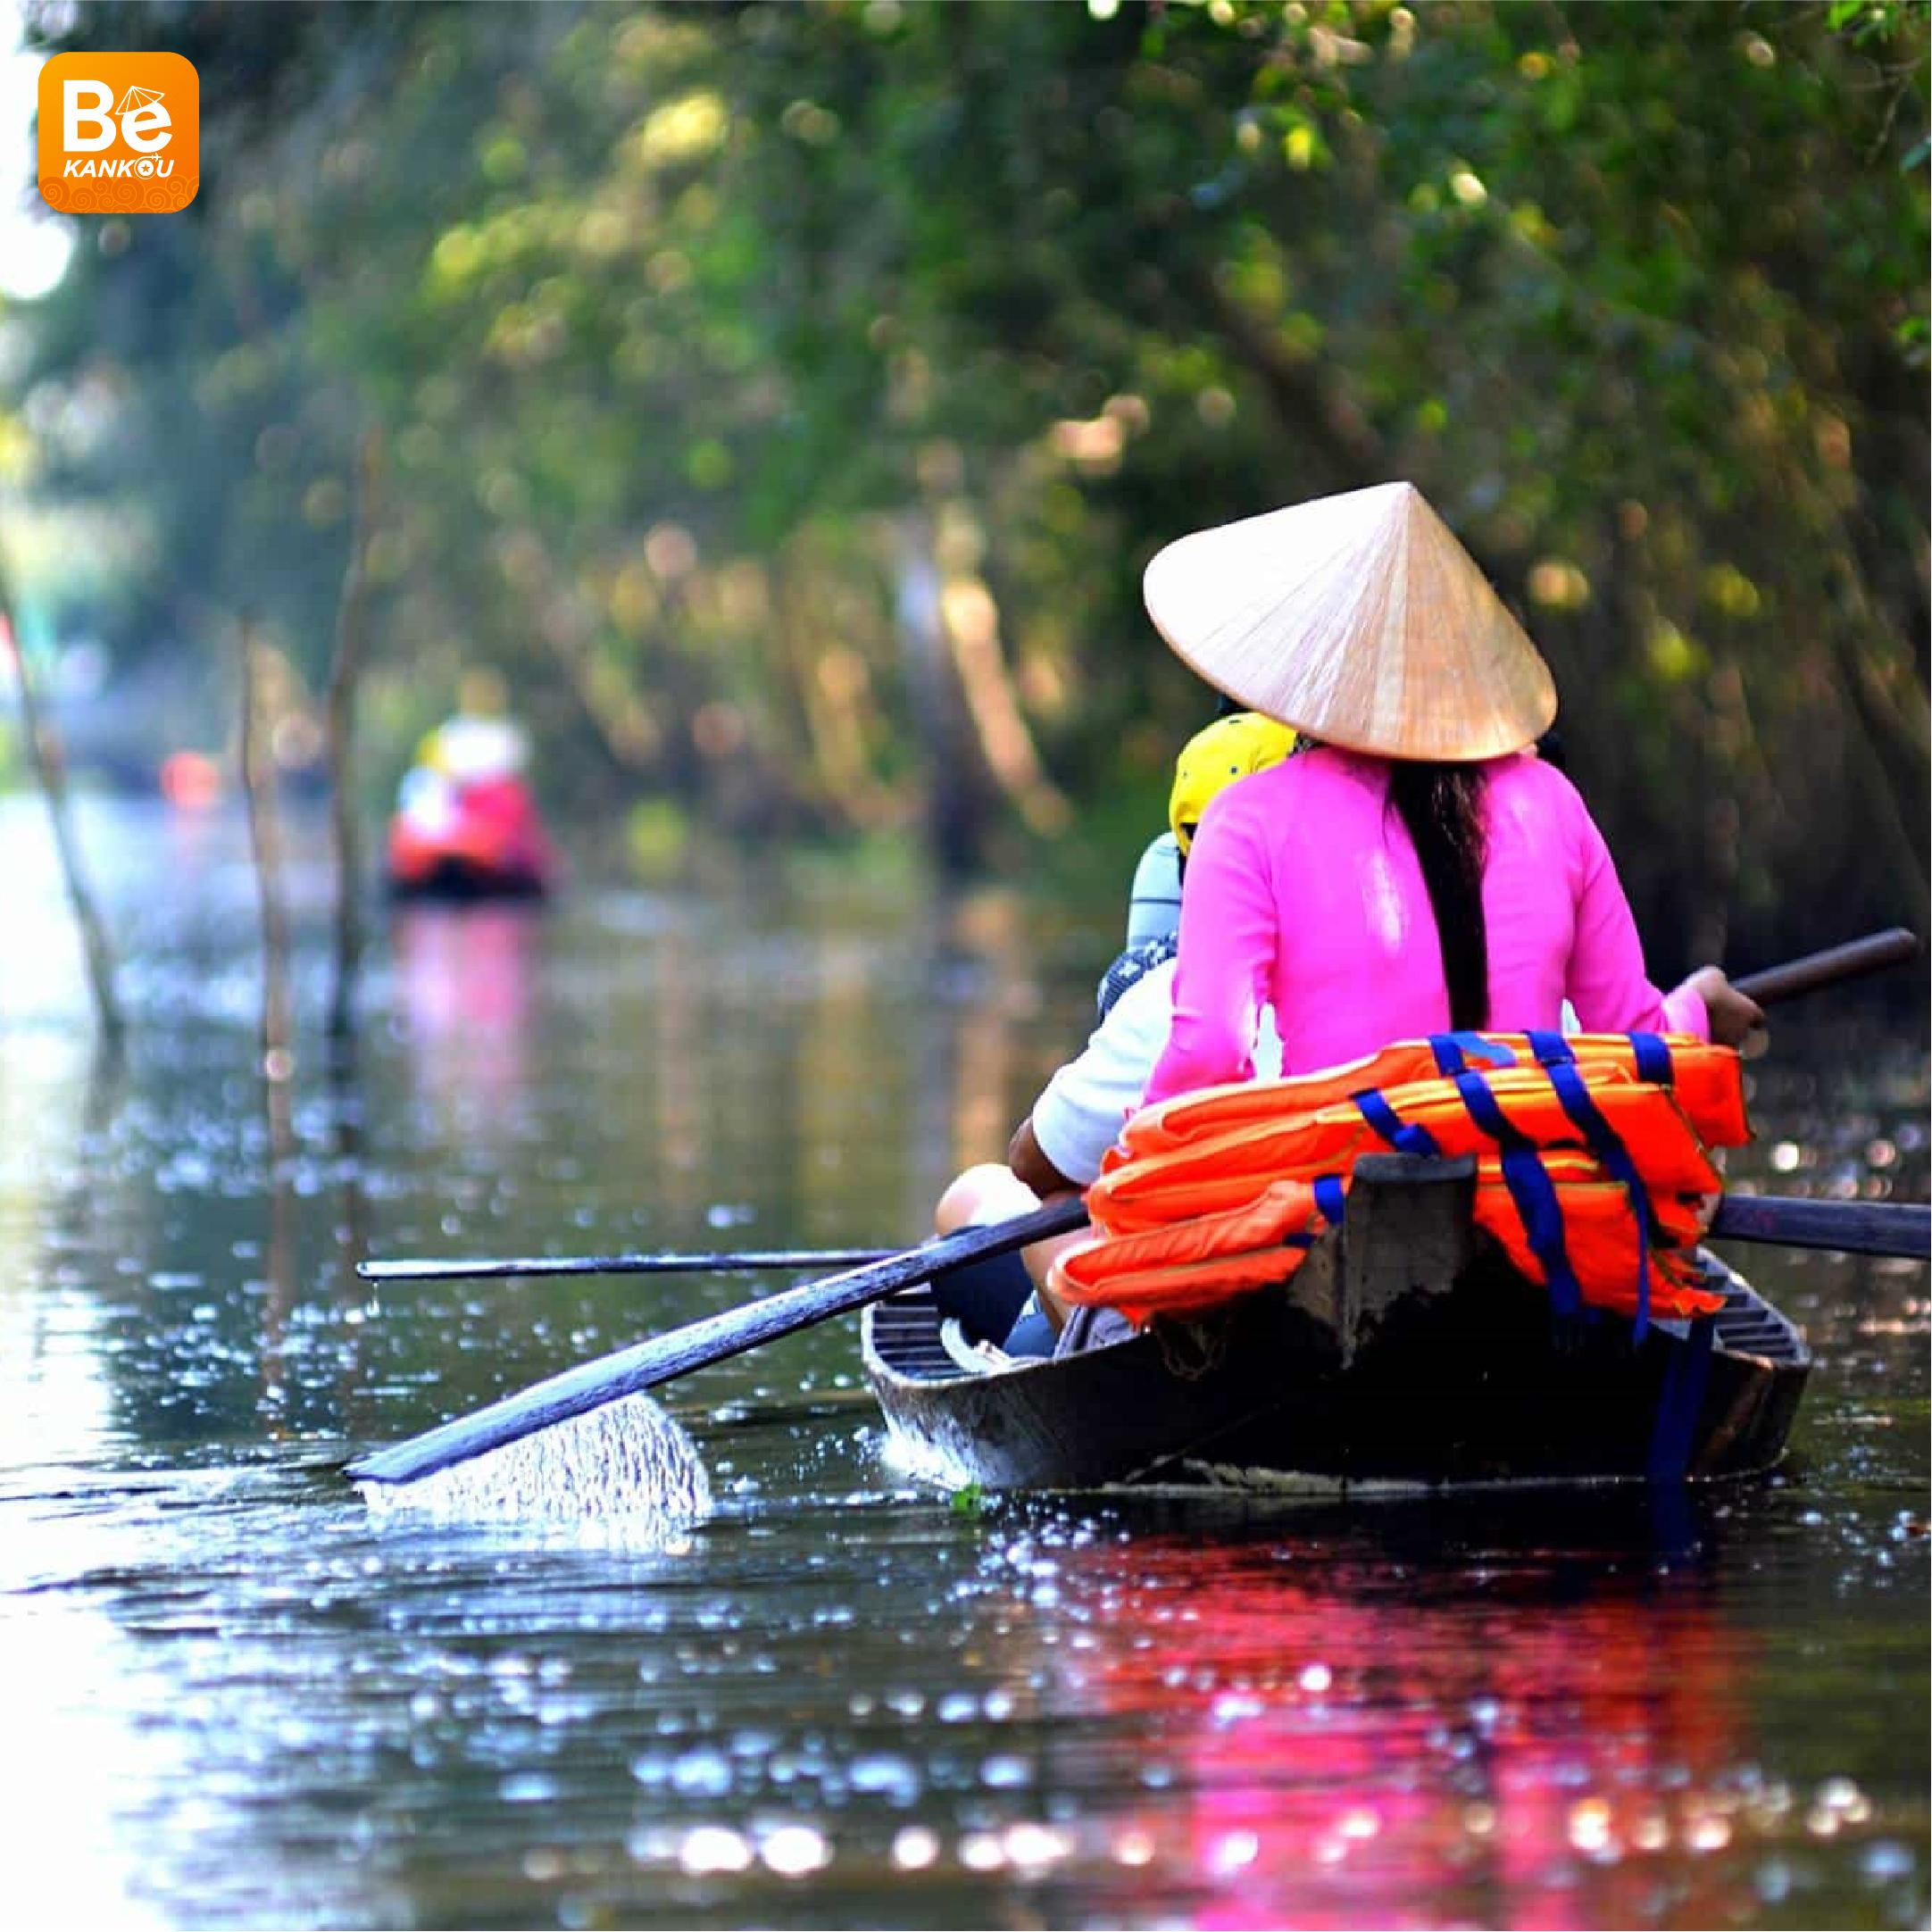 ベトナムの西部を旅行する経験